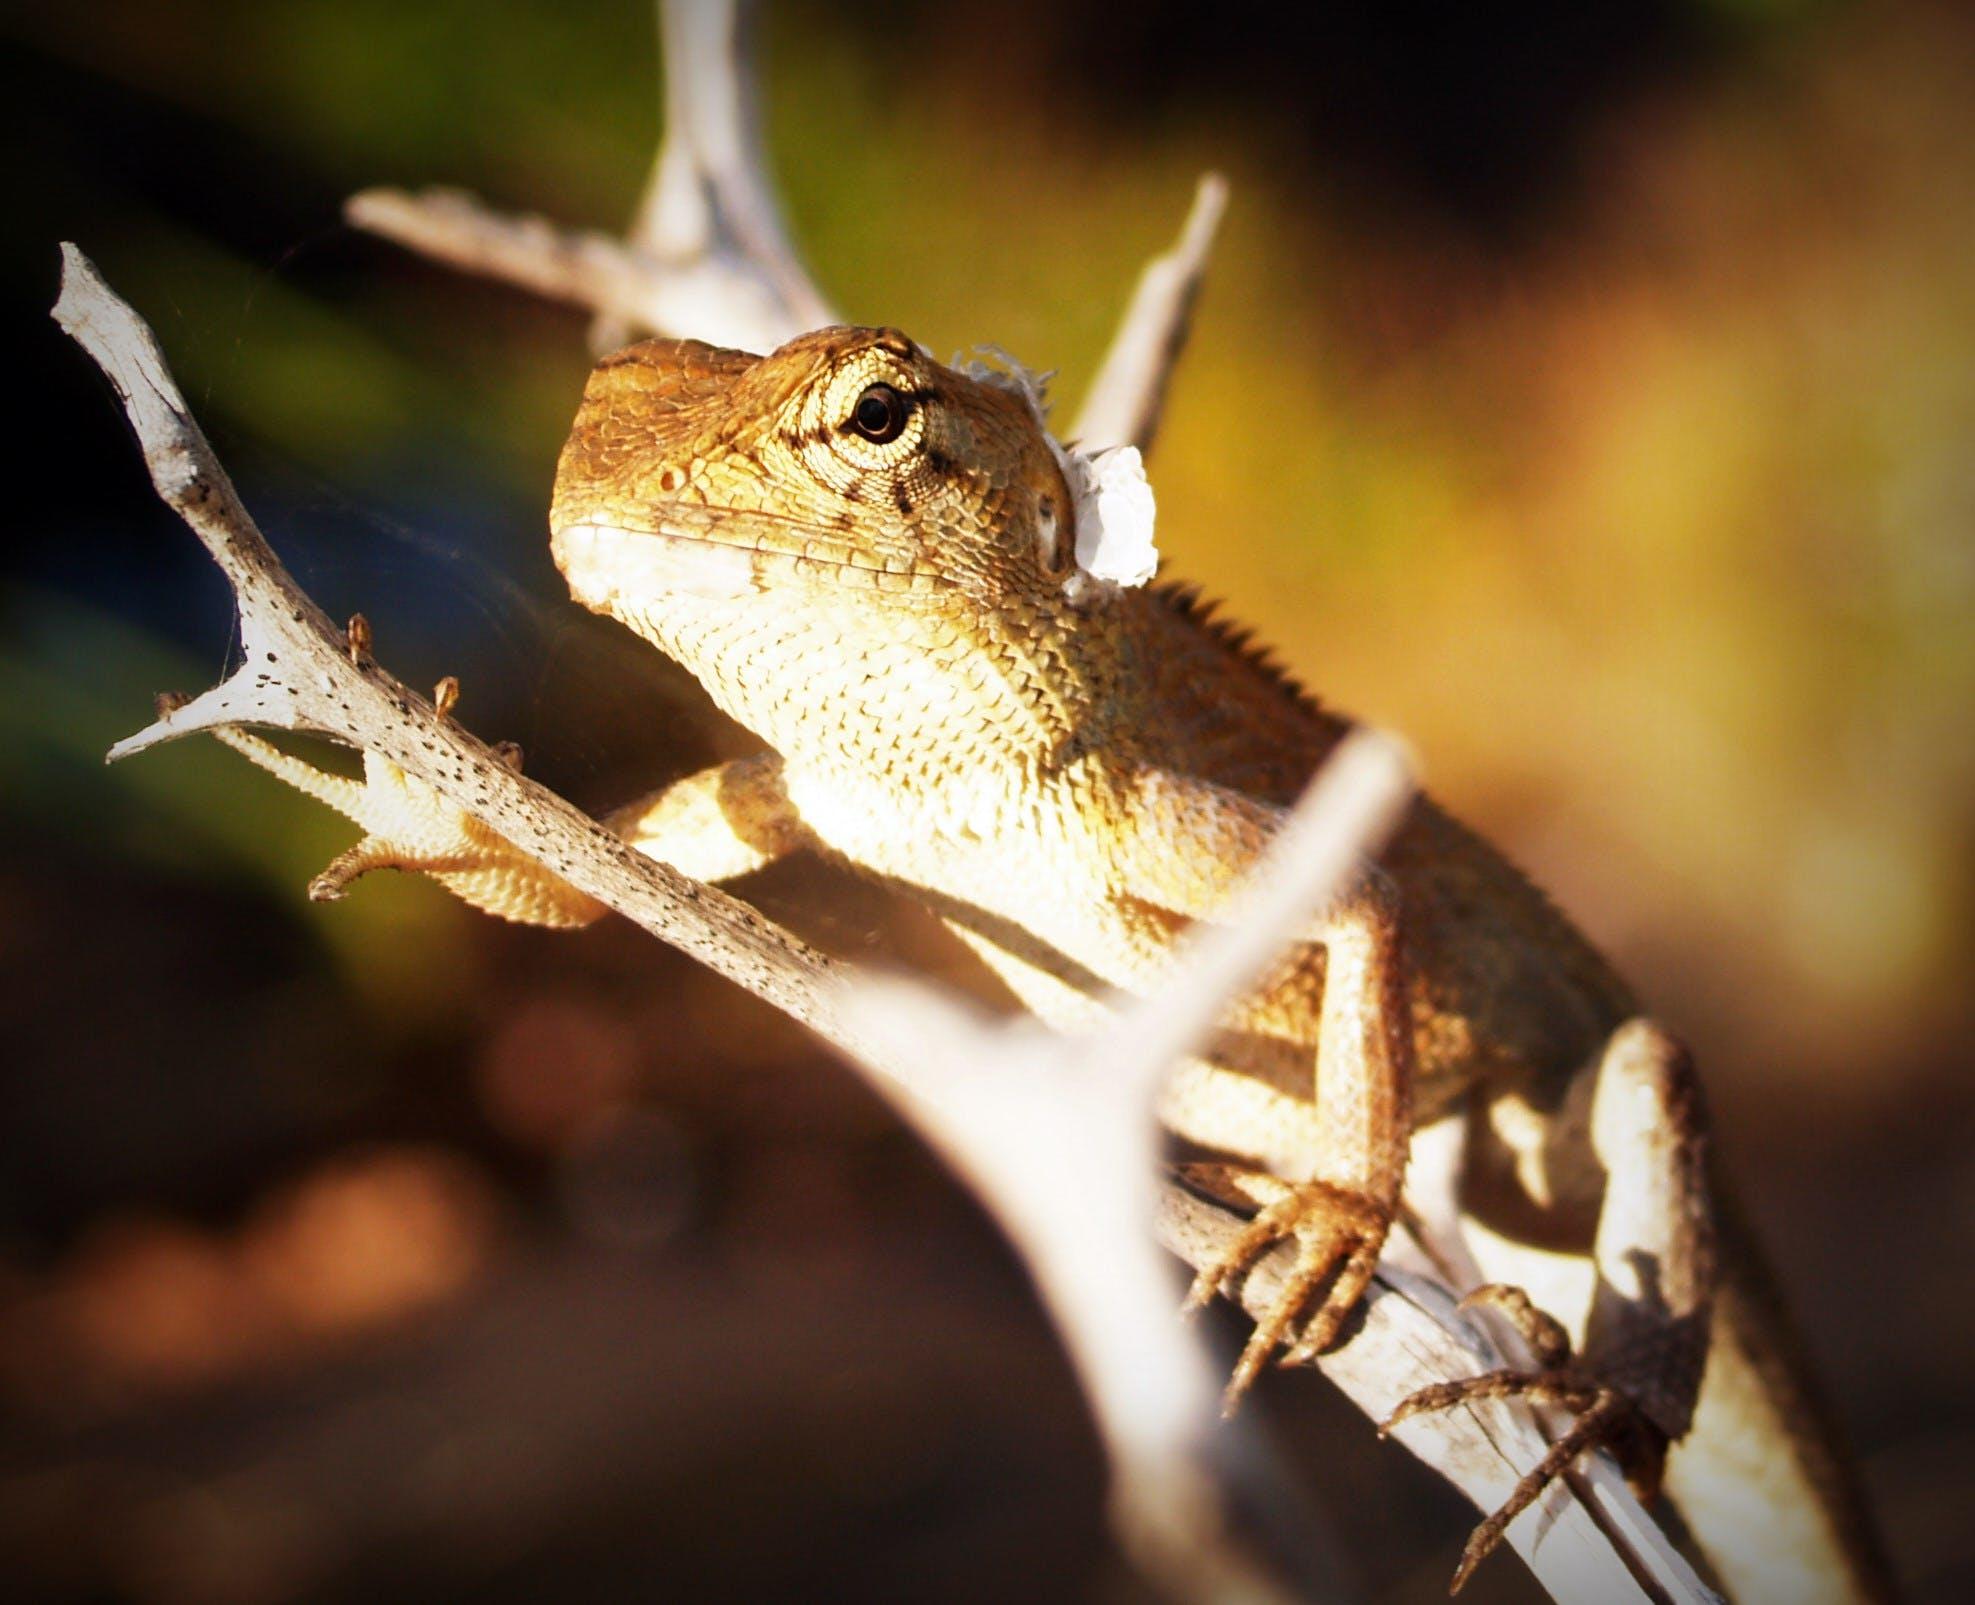 Fotos de stock gratuitas de animal, biología, camaleón, camuflaje